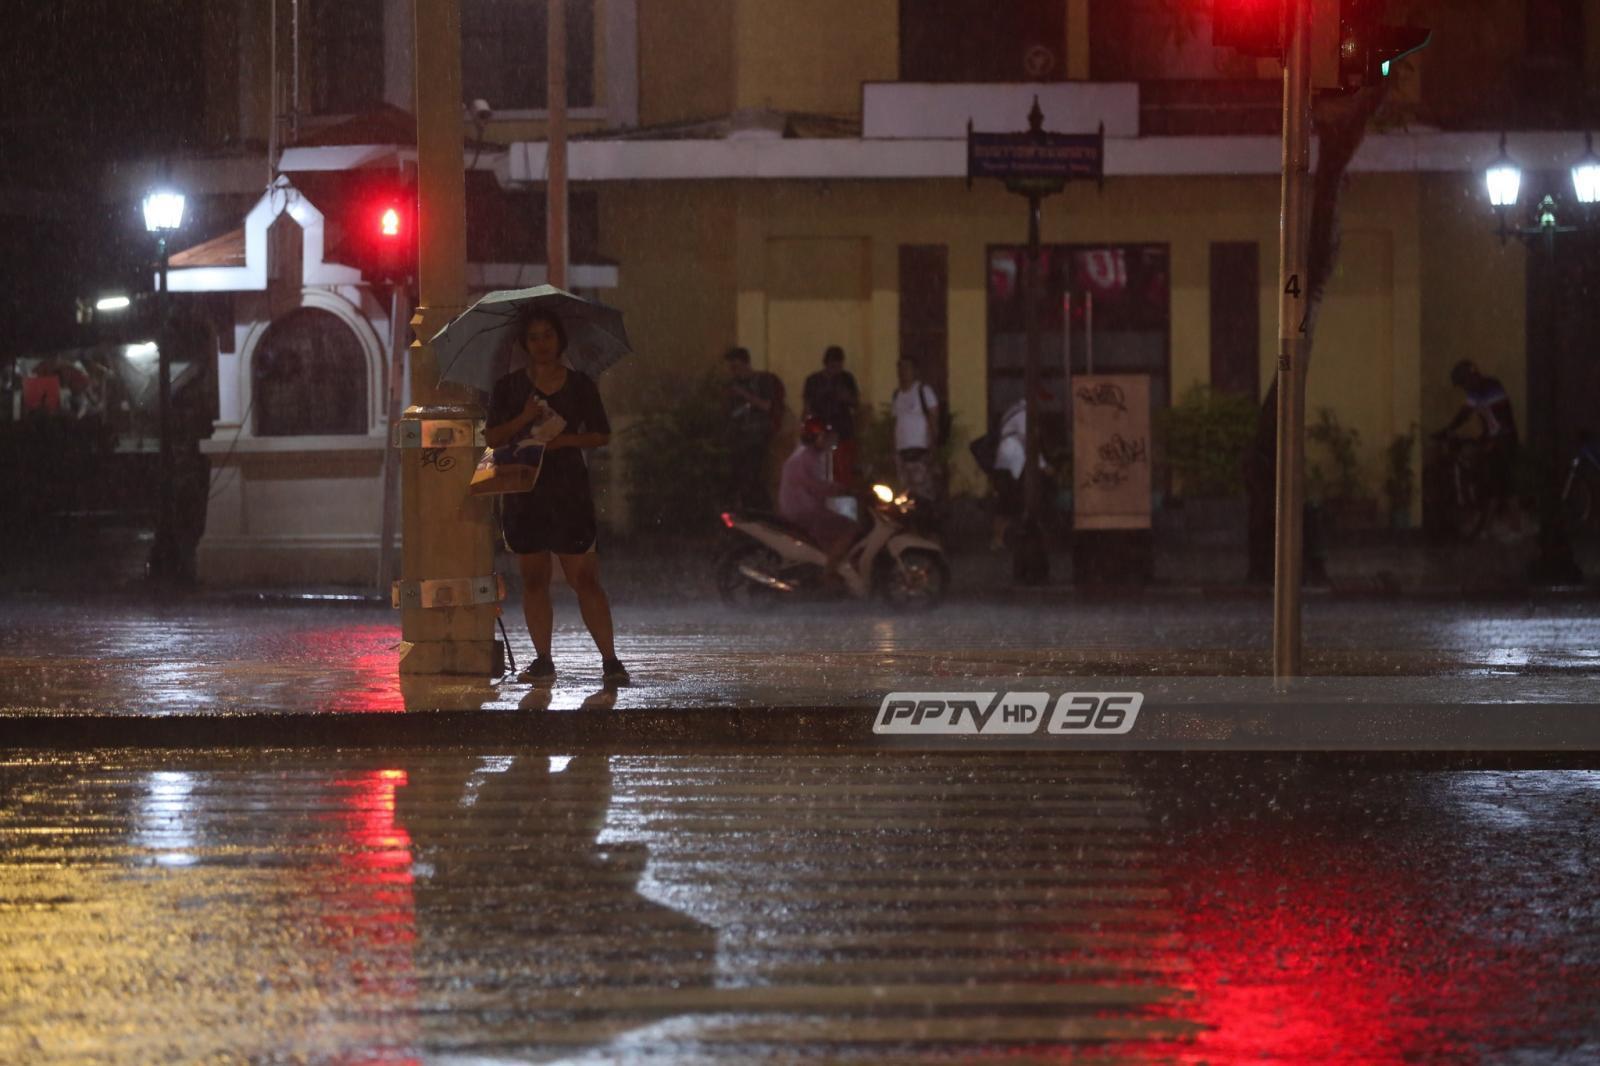 อุตุฯเผย กทม.มีฝนตกร้อยละ 60 ของพื้นที่